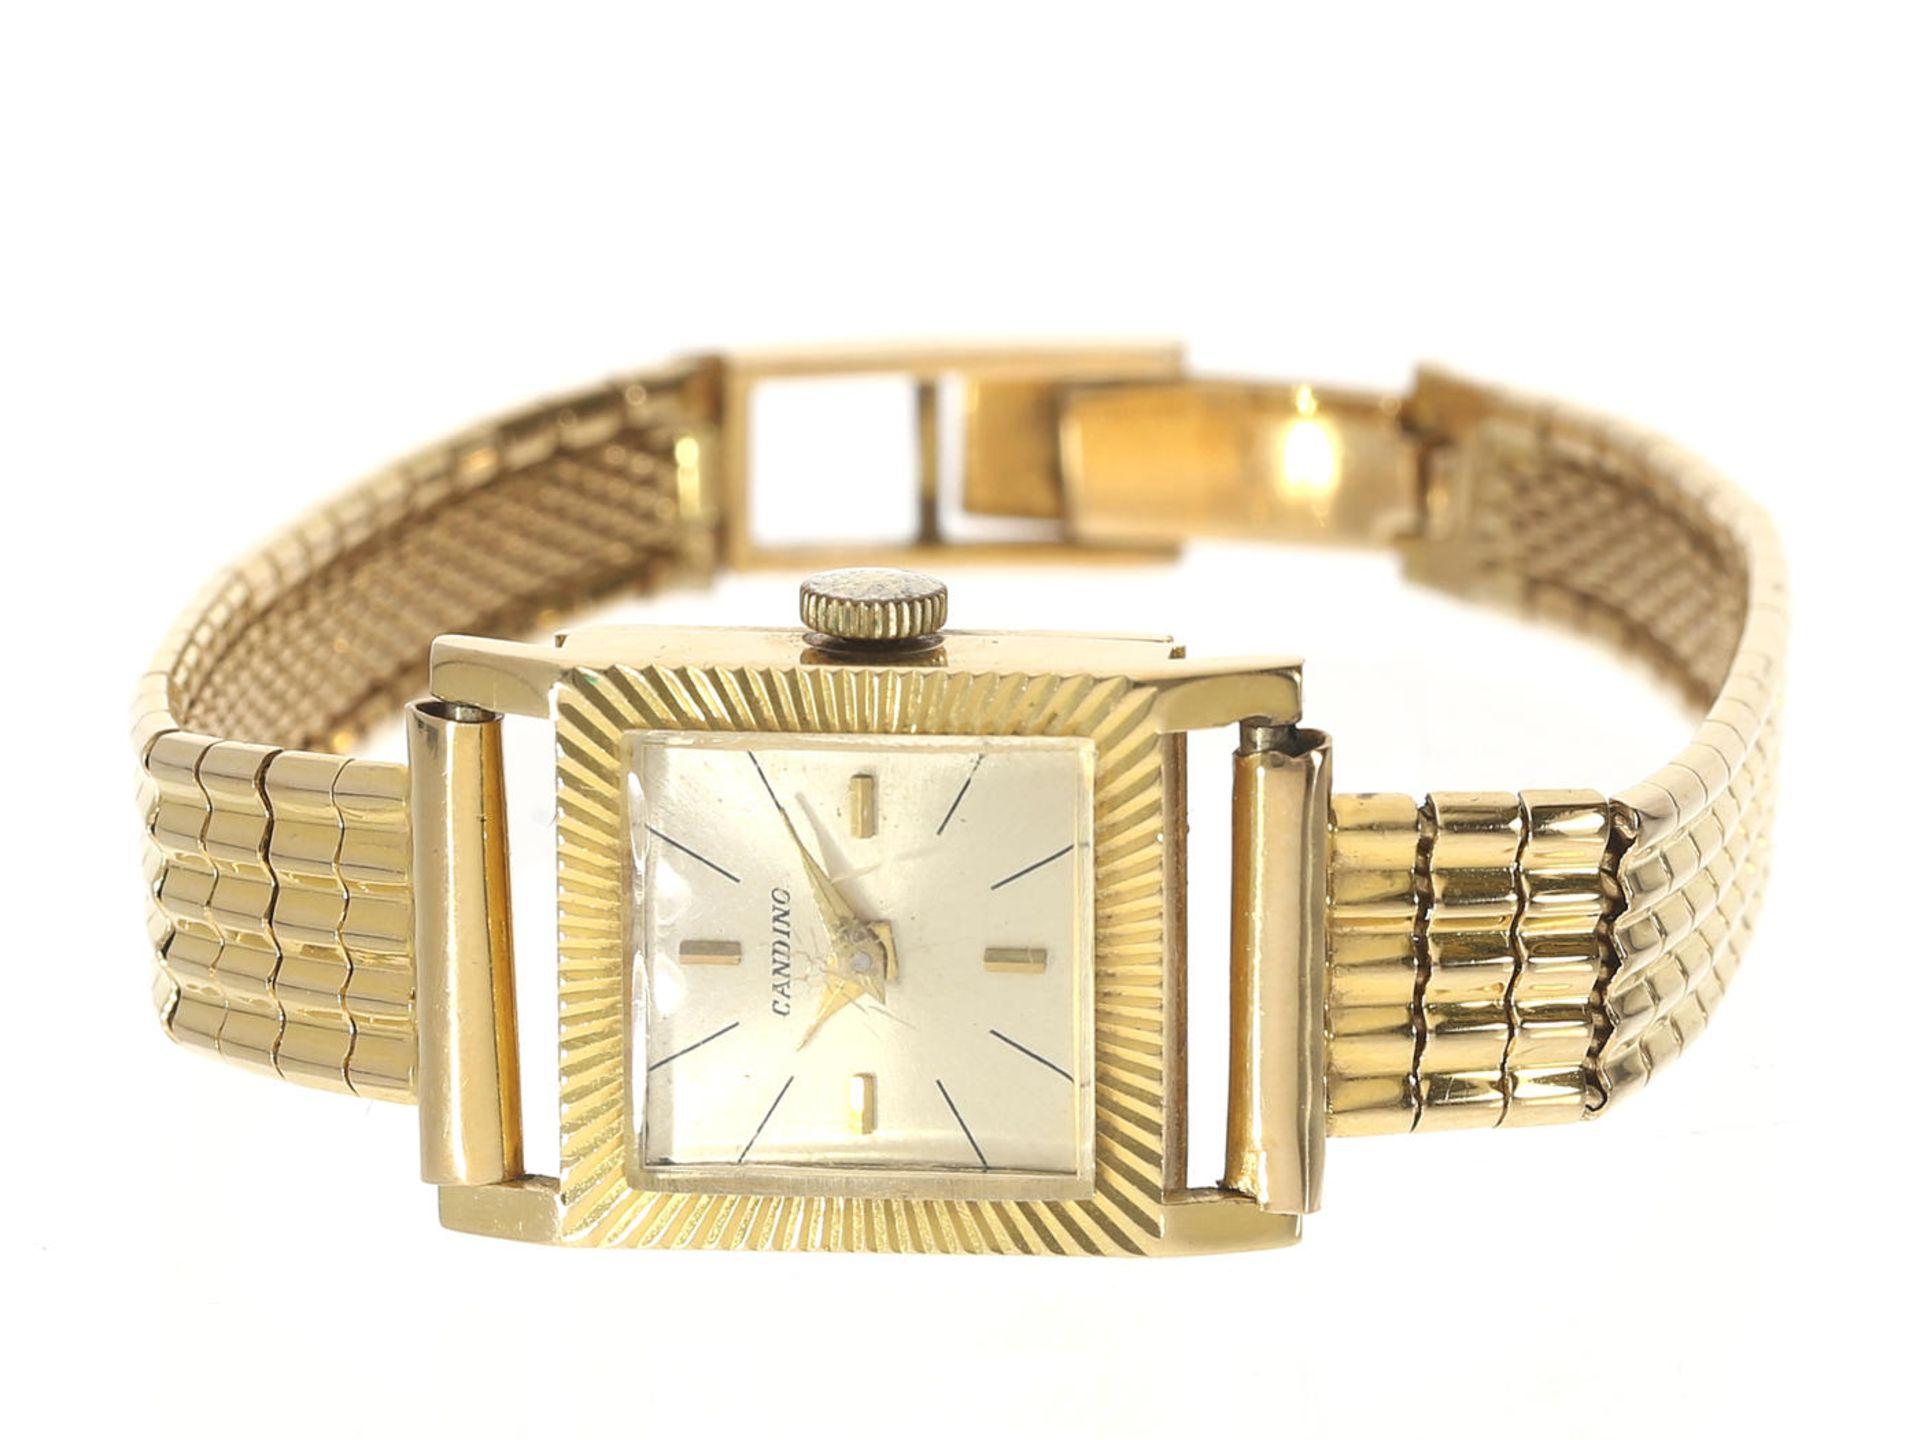 Armbanduhr: vintage Damenuhr der Marke Candido, Ref.5072 mit Originalpapieren von 1963 Ca. 16 × - Bild 3 aus 3